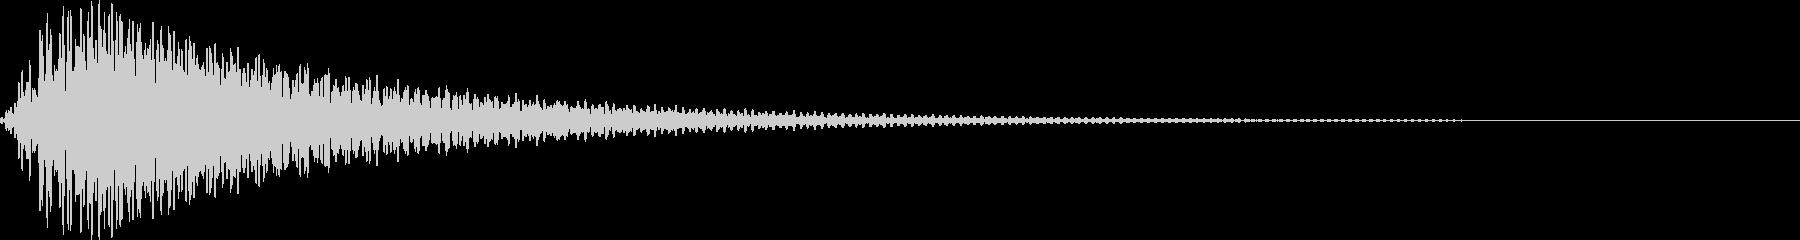 ボタン・操作音9の未再生の波形